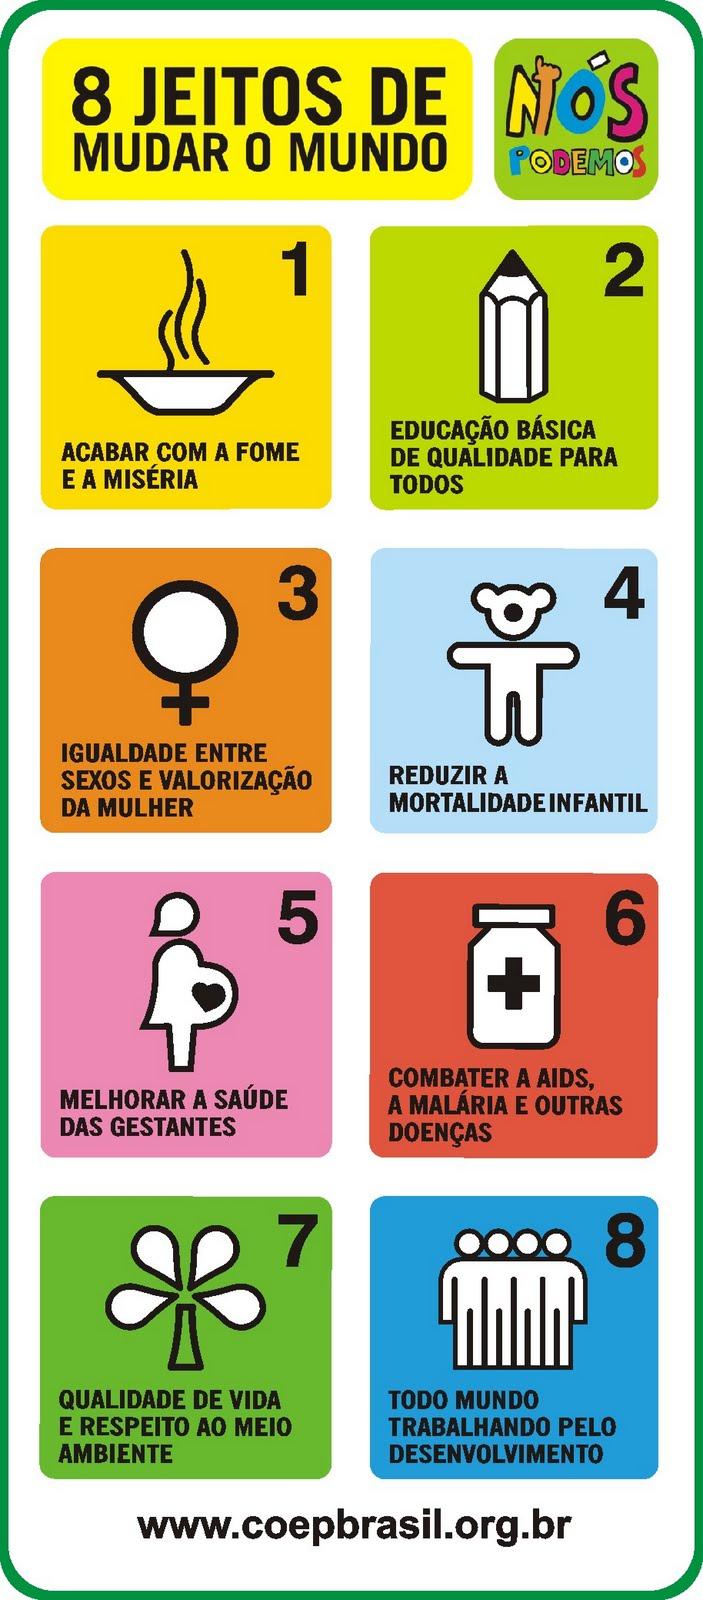 Como garantir que a 4a meta do milênio = reduzir a mortalidade infantil seja alcançada